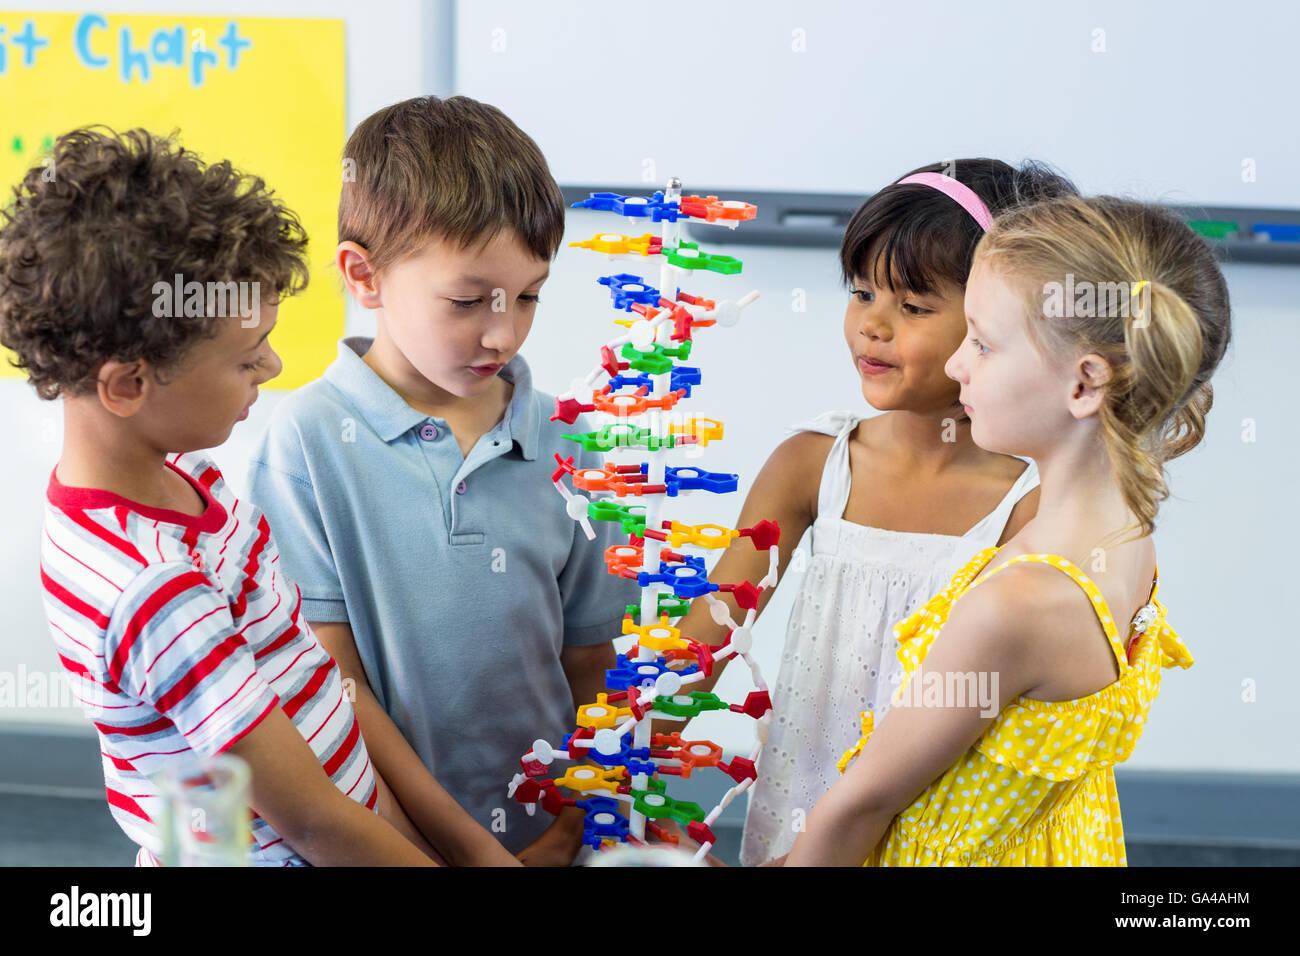 Schoolchildren holding DNA model - Stock Image